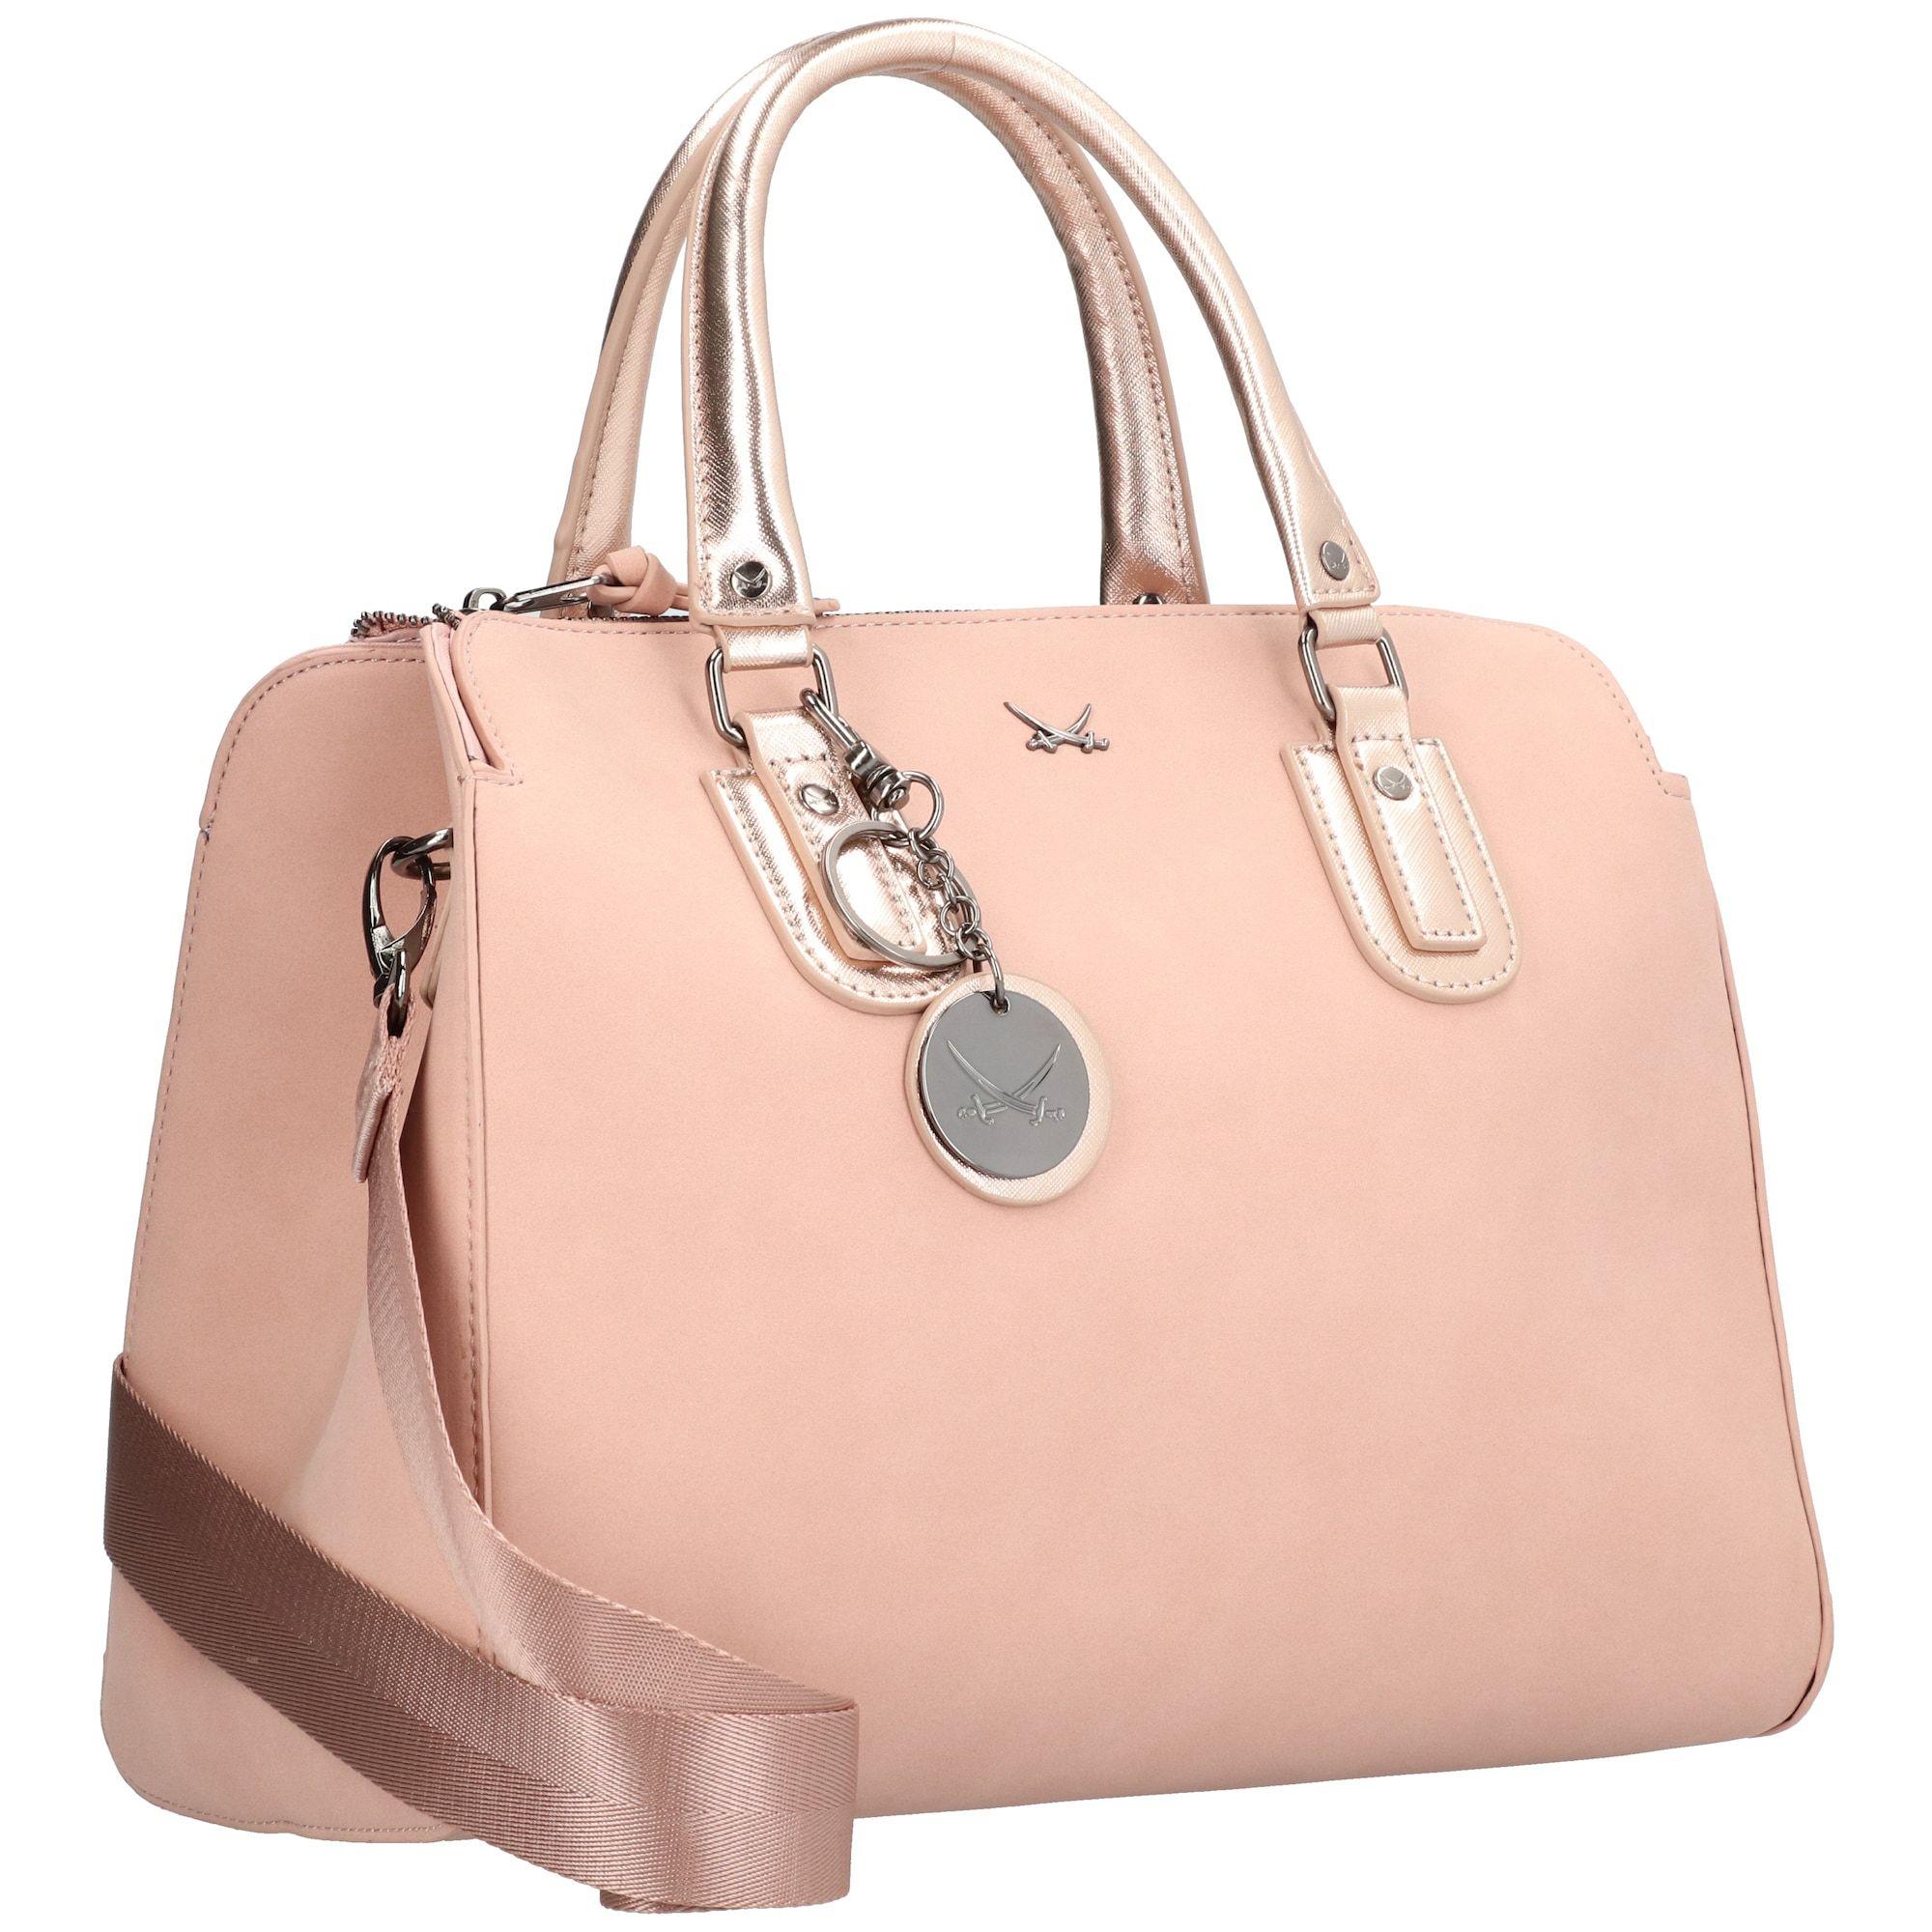 Sansibar Handtasche Damen Altrosa Grosse One Size In 2020 Taschen Handtaschen Und Handtaschen Damen